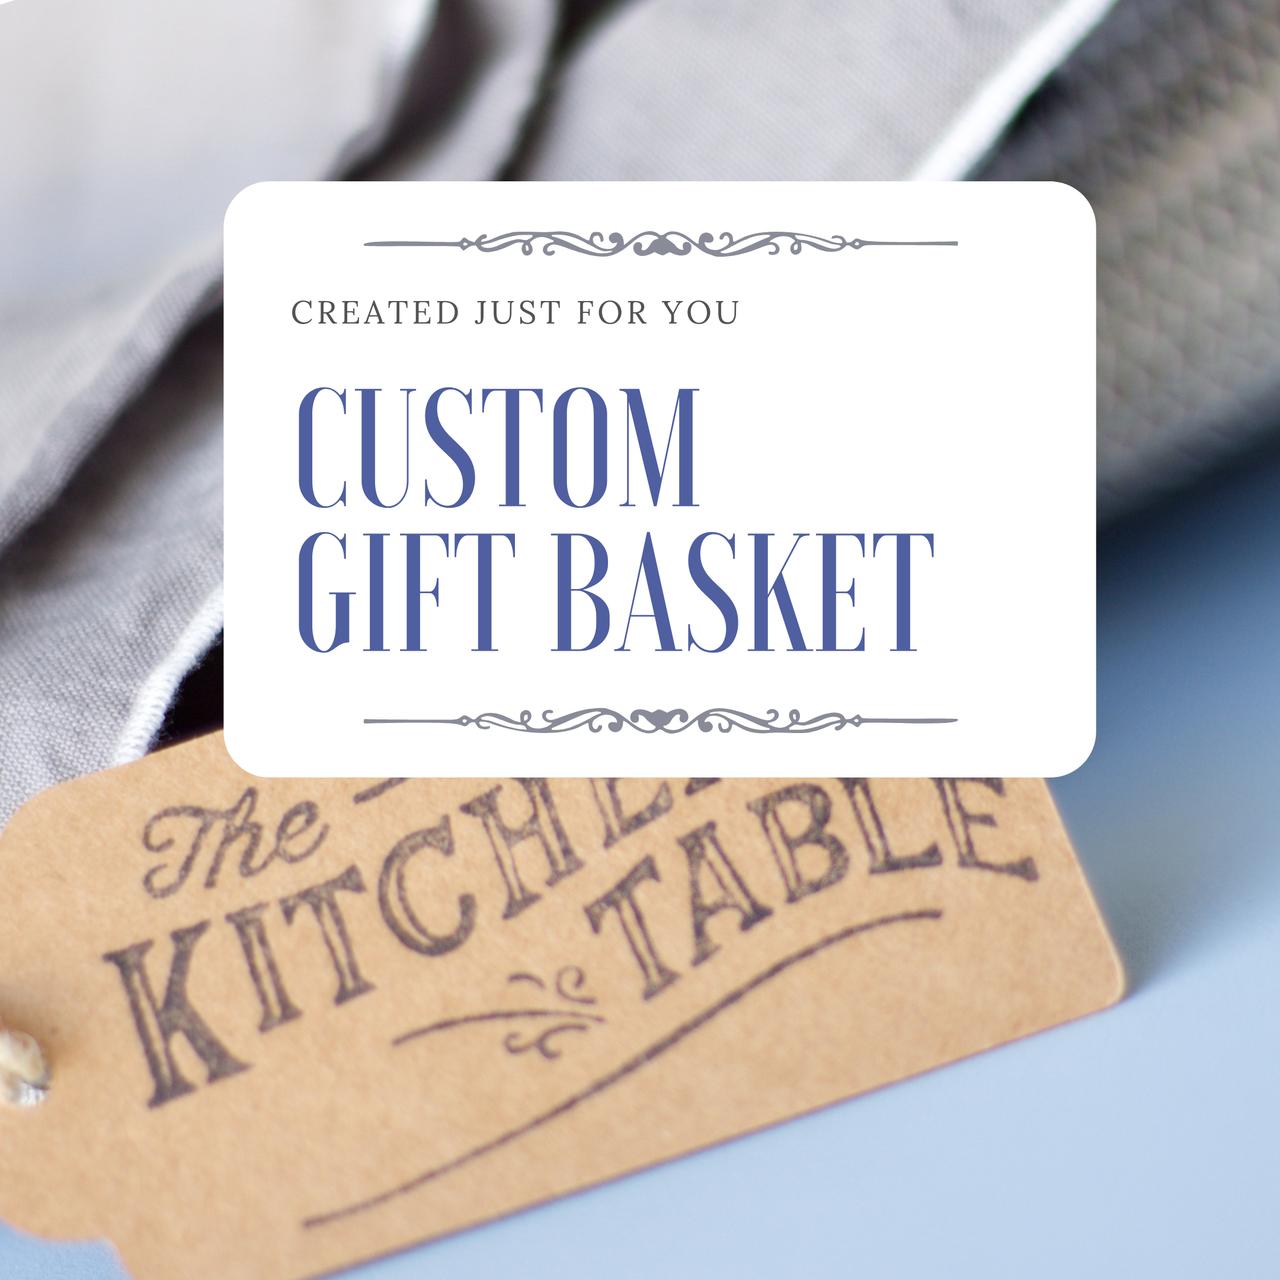 Custom Gift Basket, $75